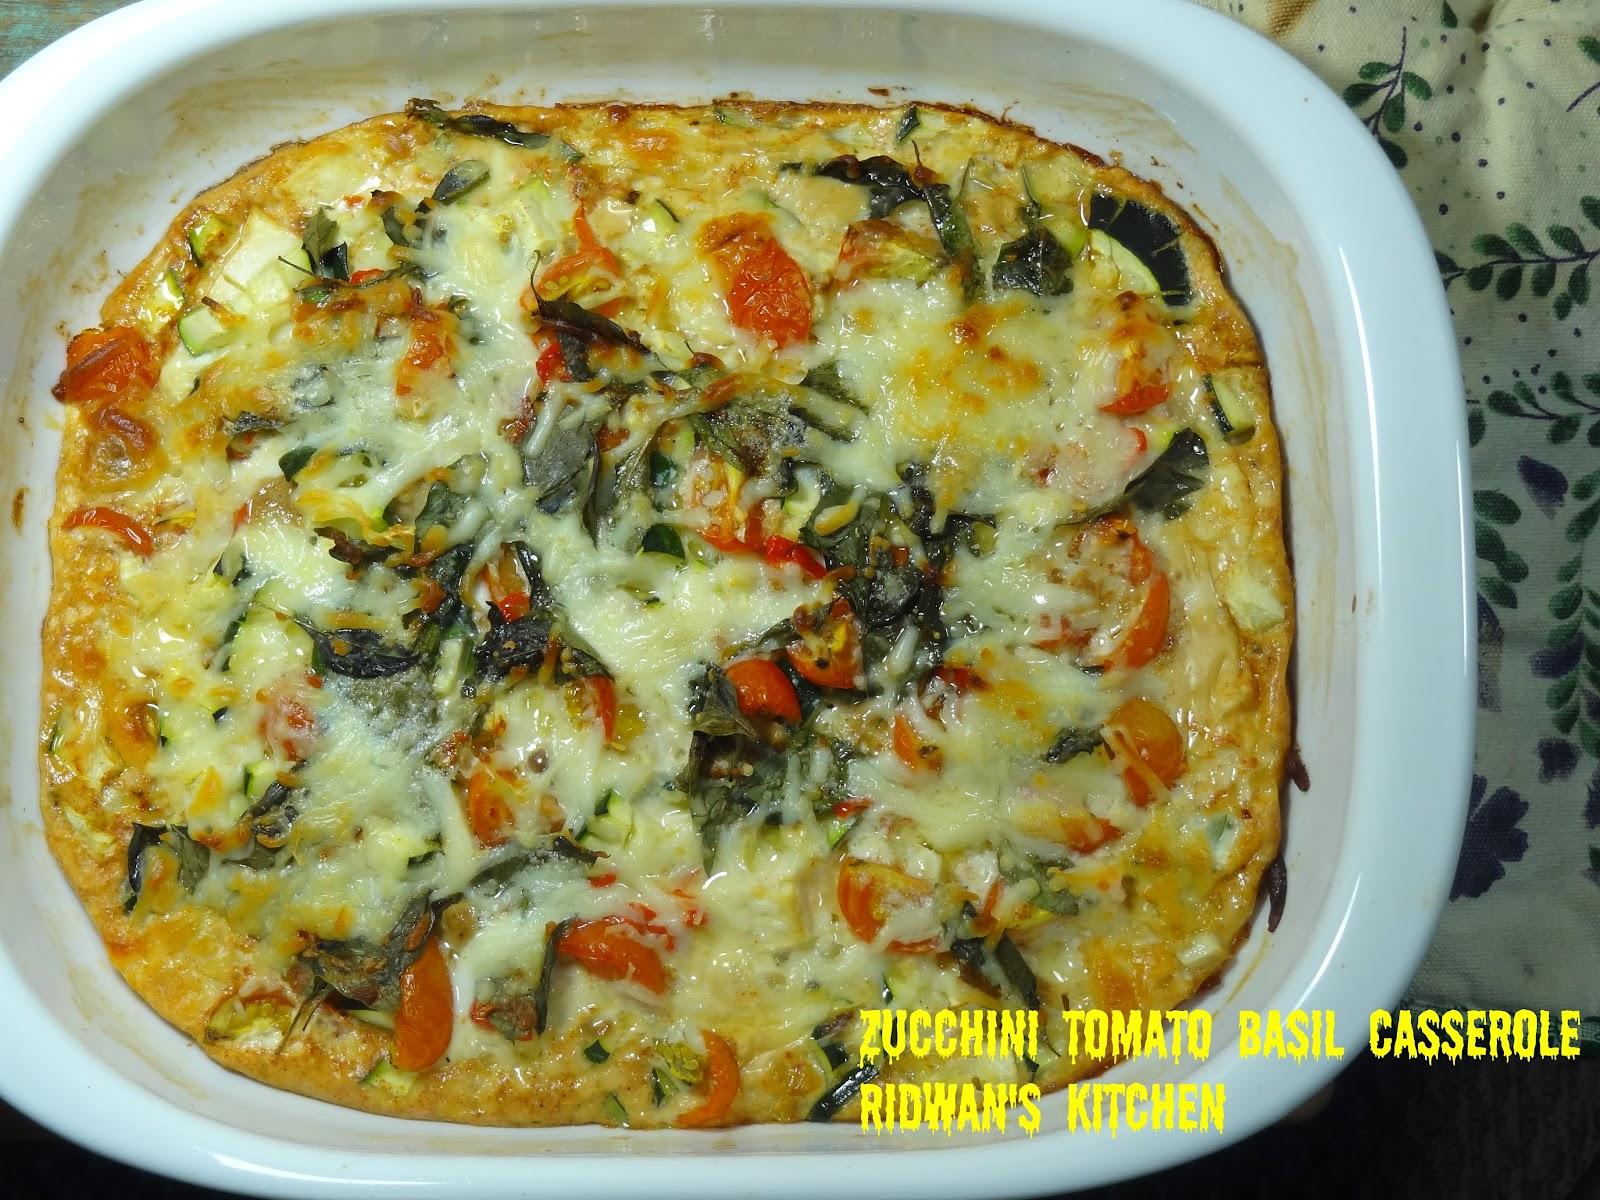 Rice and Coconut: Zucchini tomato basil casserole